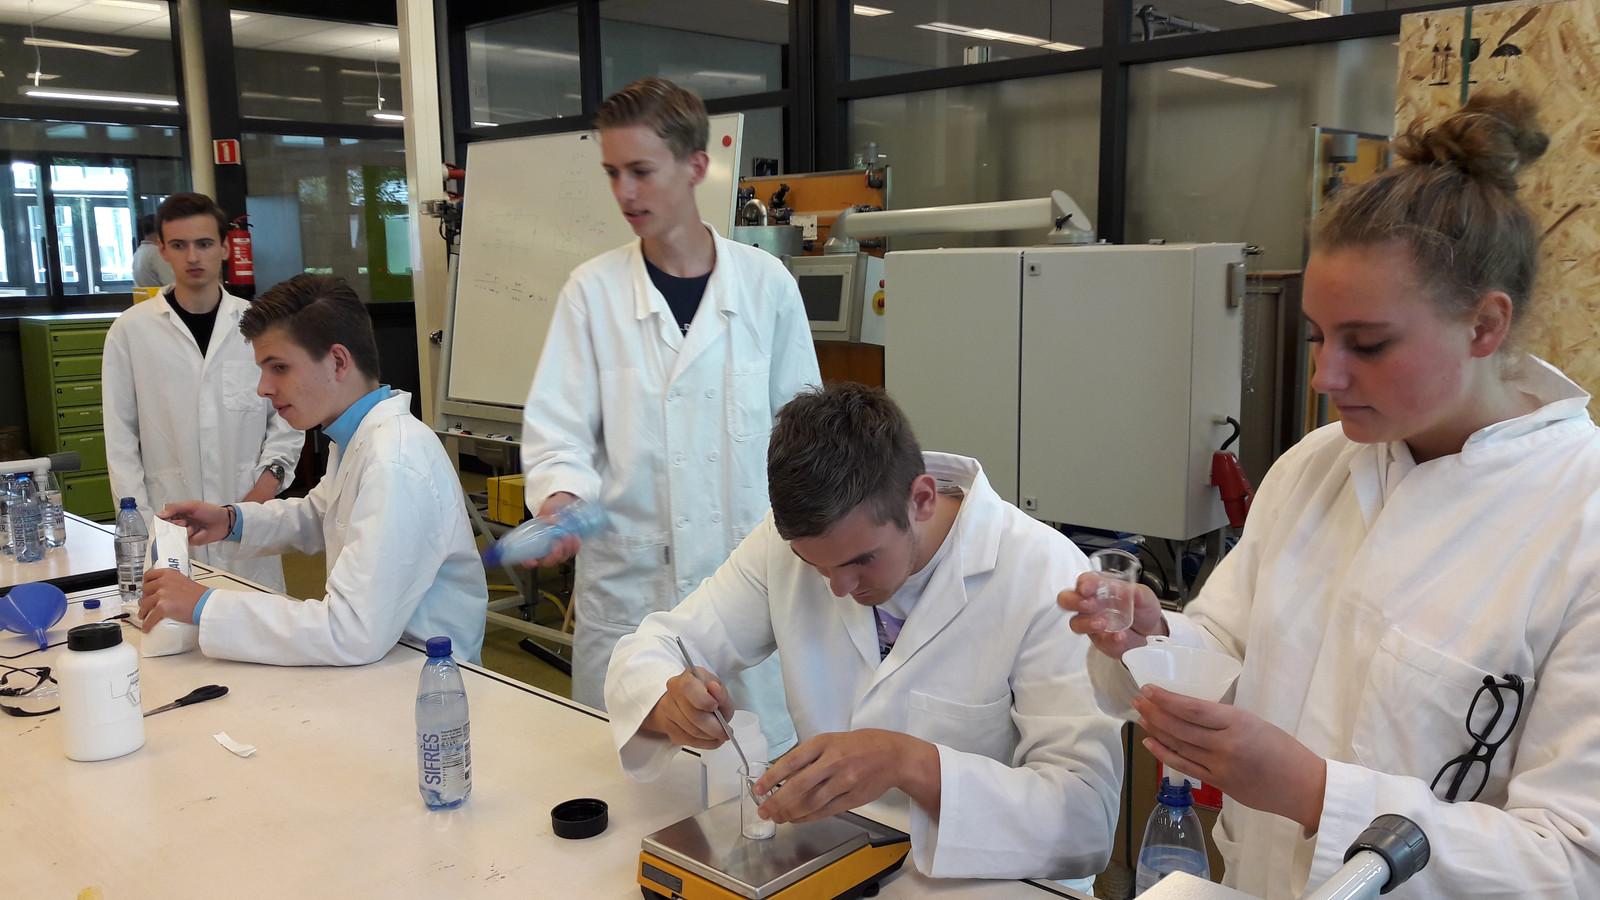 Eerstejaars ROC-studenten van de school voor proces- en milieukunde maken limonade op de basismanier.